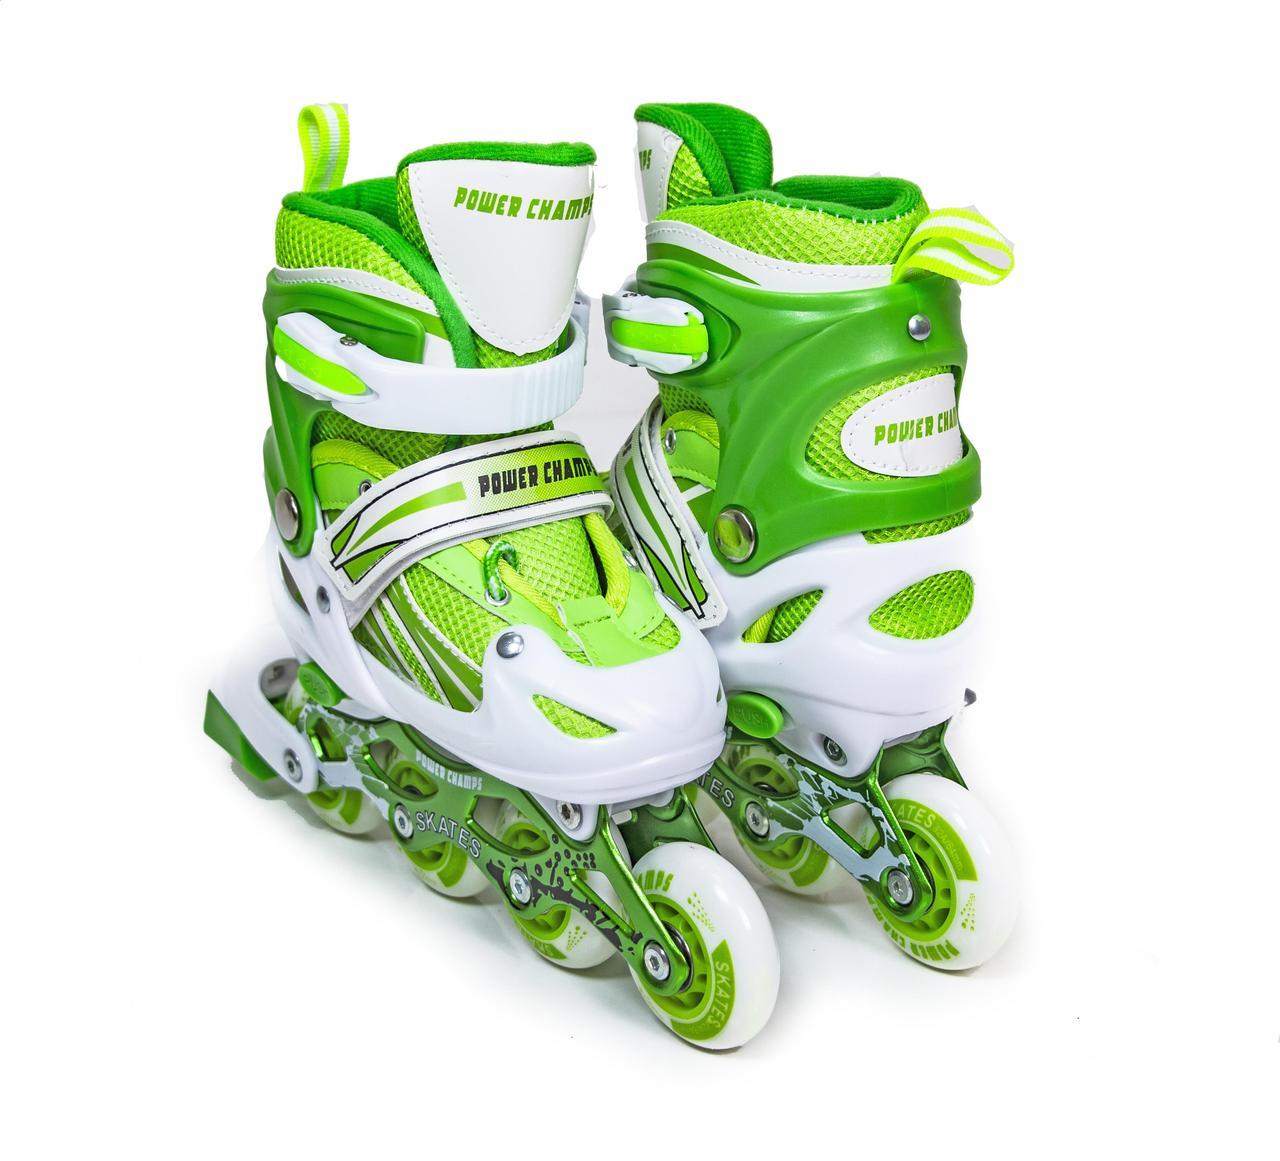 Ролики Power Champs Green размер 34-37